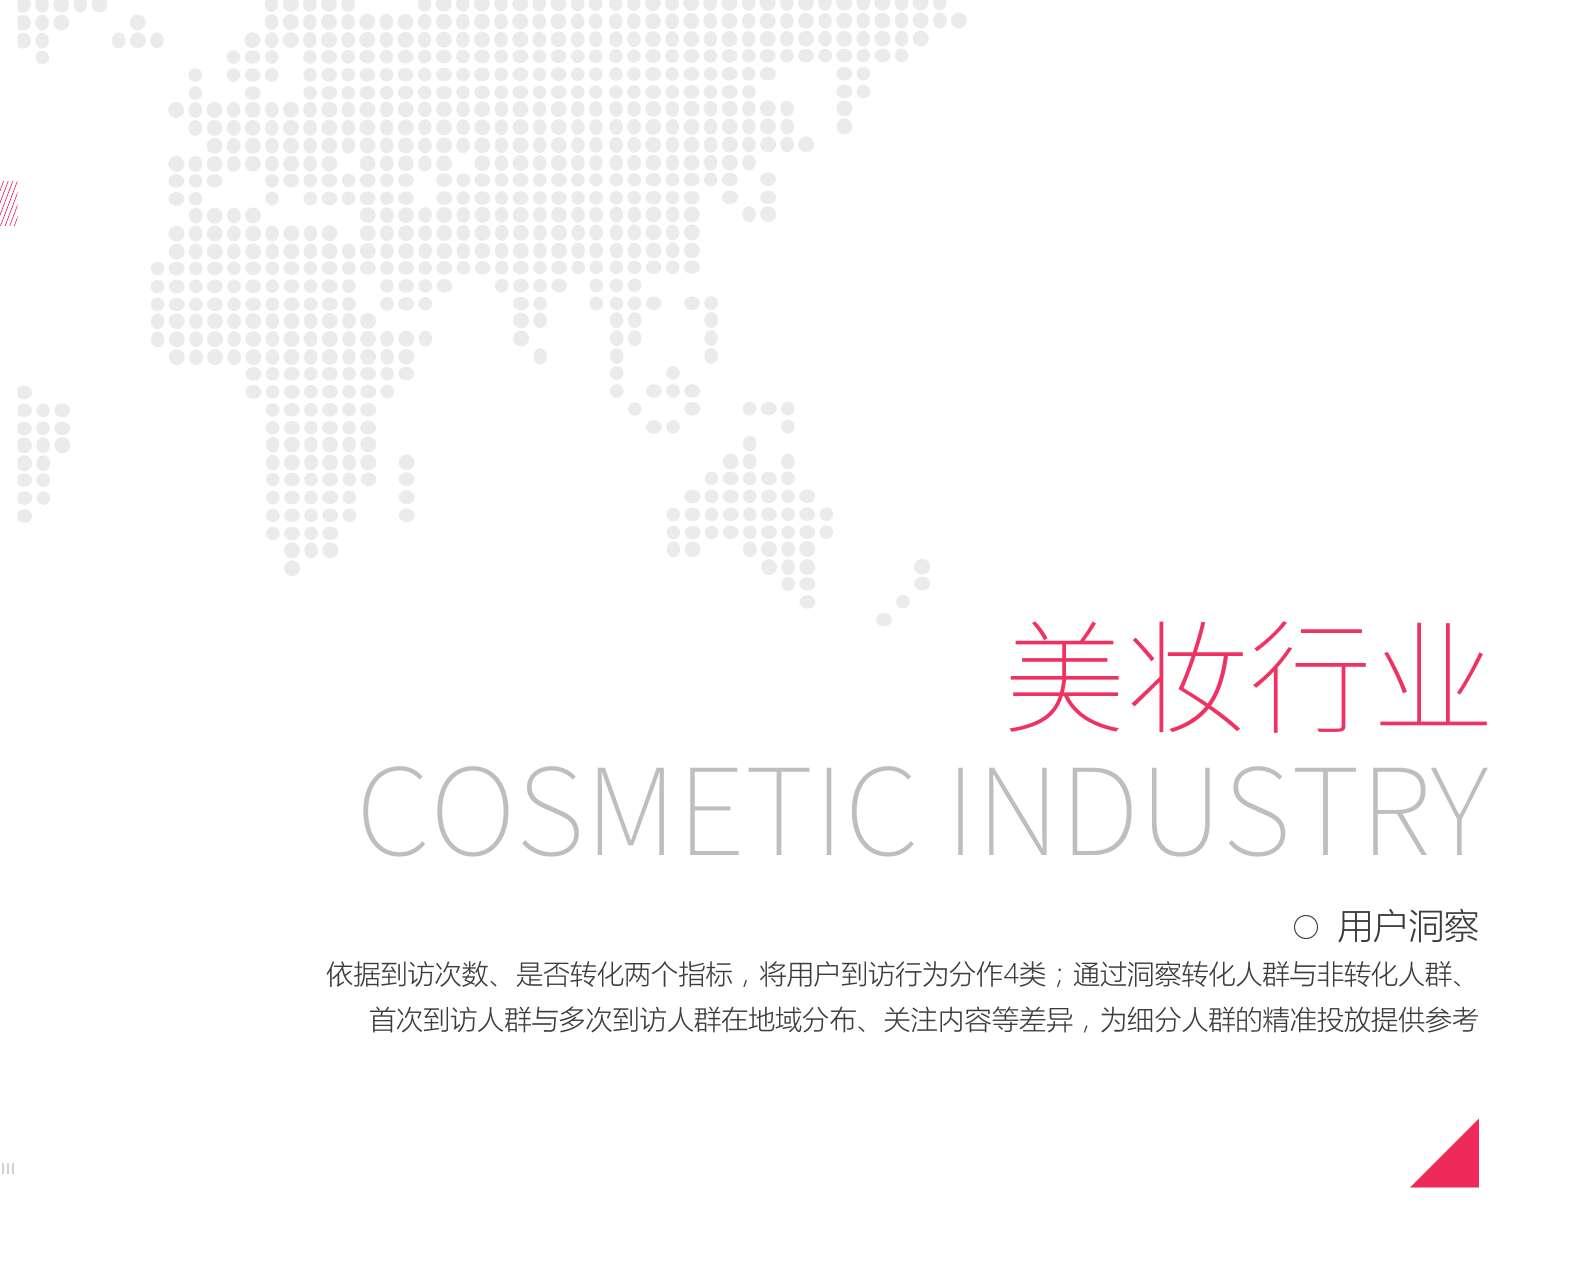 2015中国互联网发展报告_000055